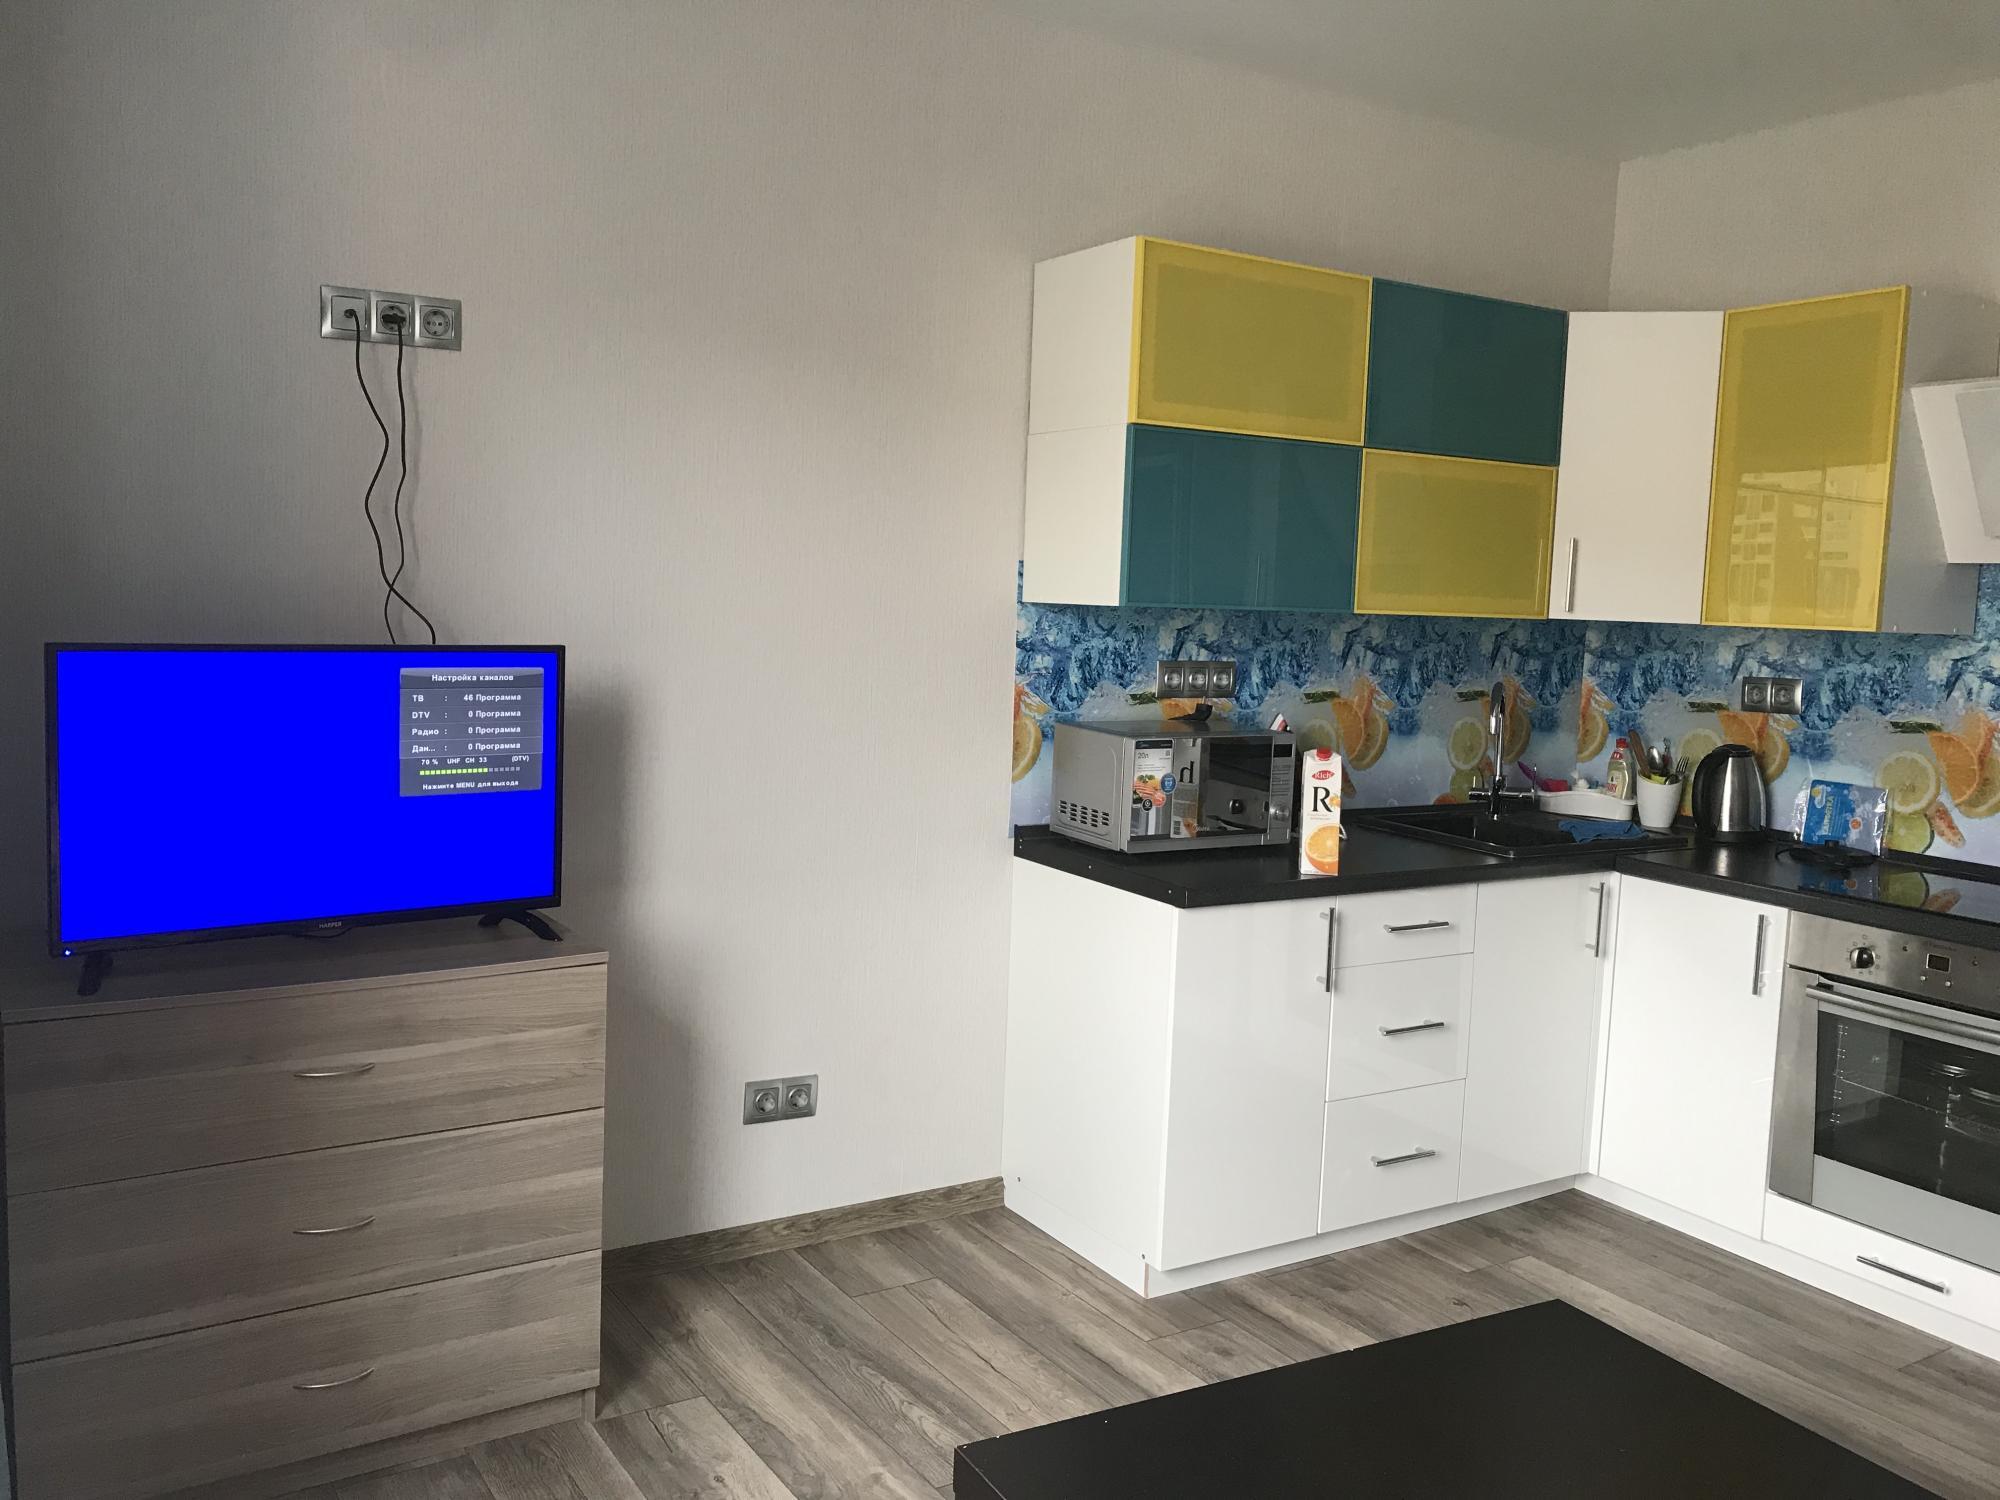 Квартира, студия, 24.5 м² в Домодедово 89035305126 купить 1